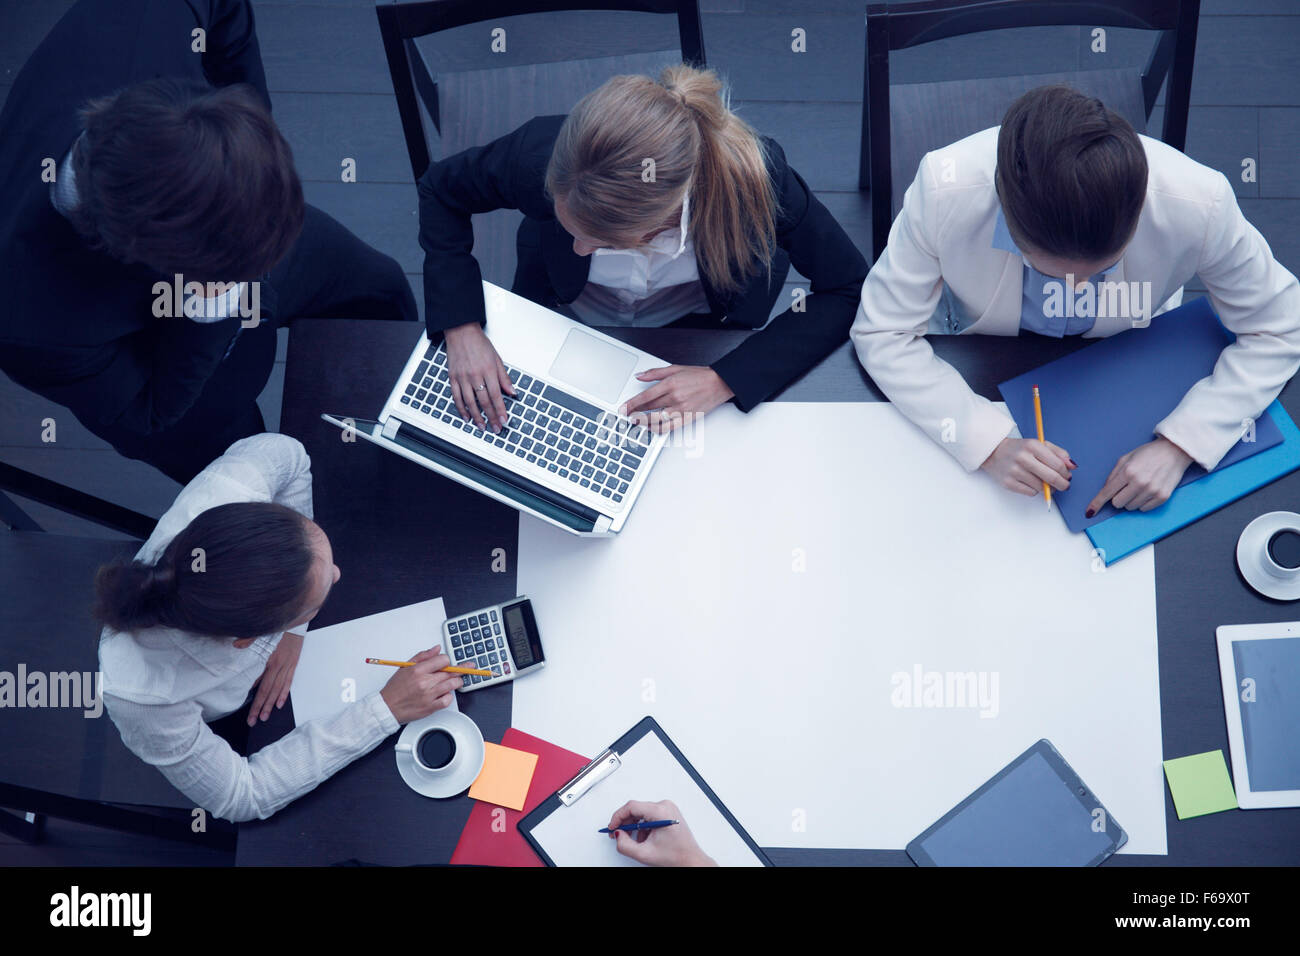 Trabajo con gente de negocios, taza de café, tableta digital, smartphone, documentos y diversos objetos de oficina en mesa Foto de stock